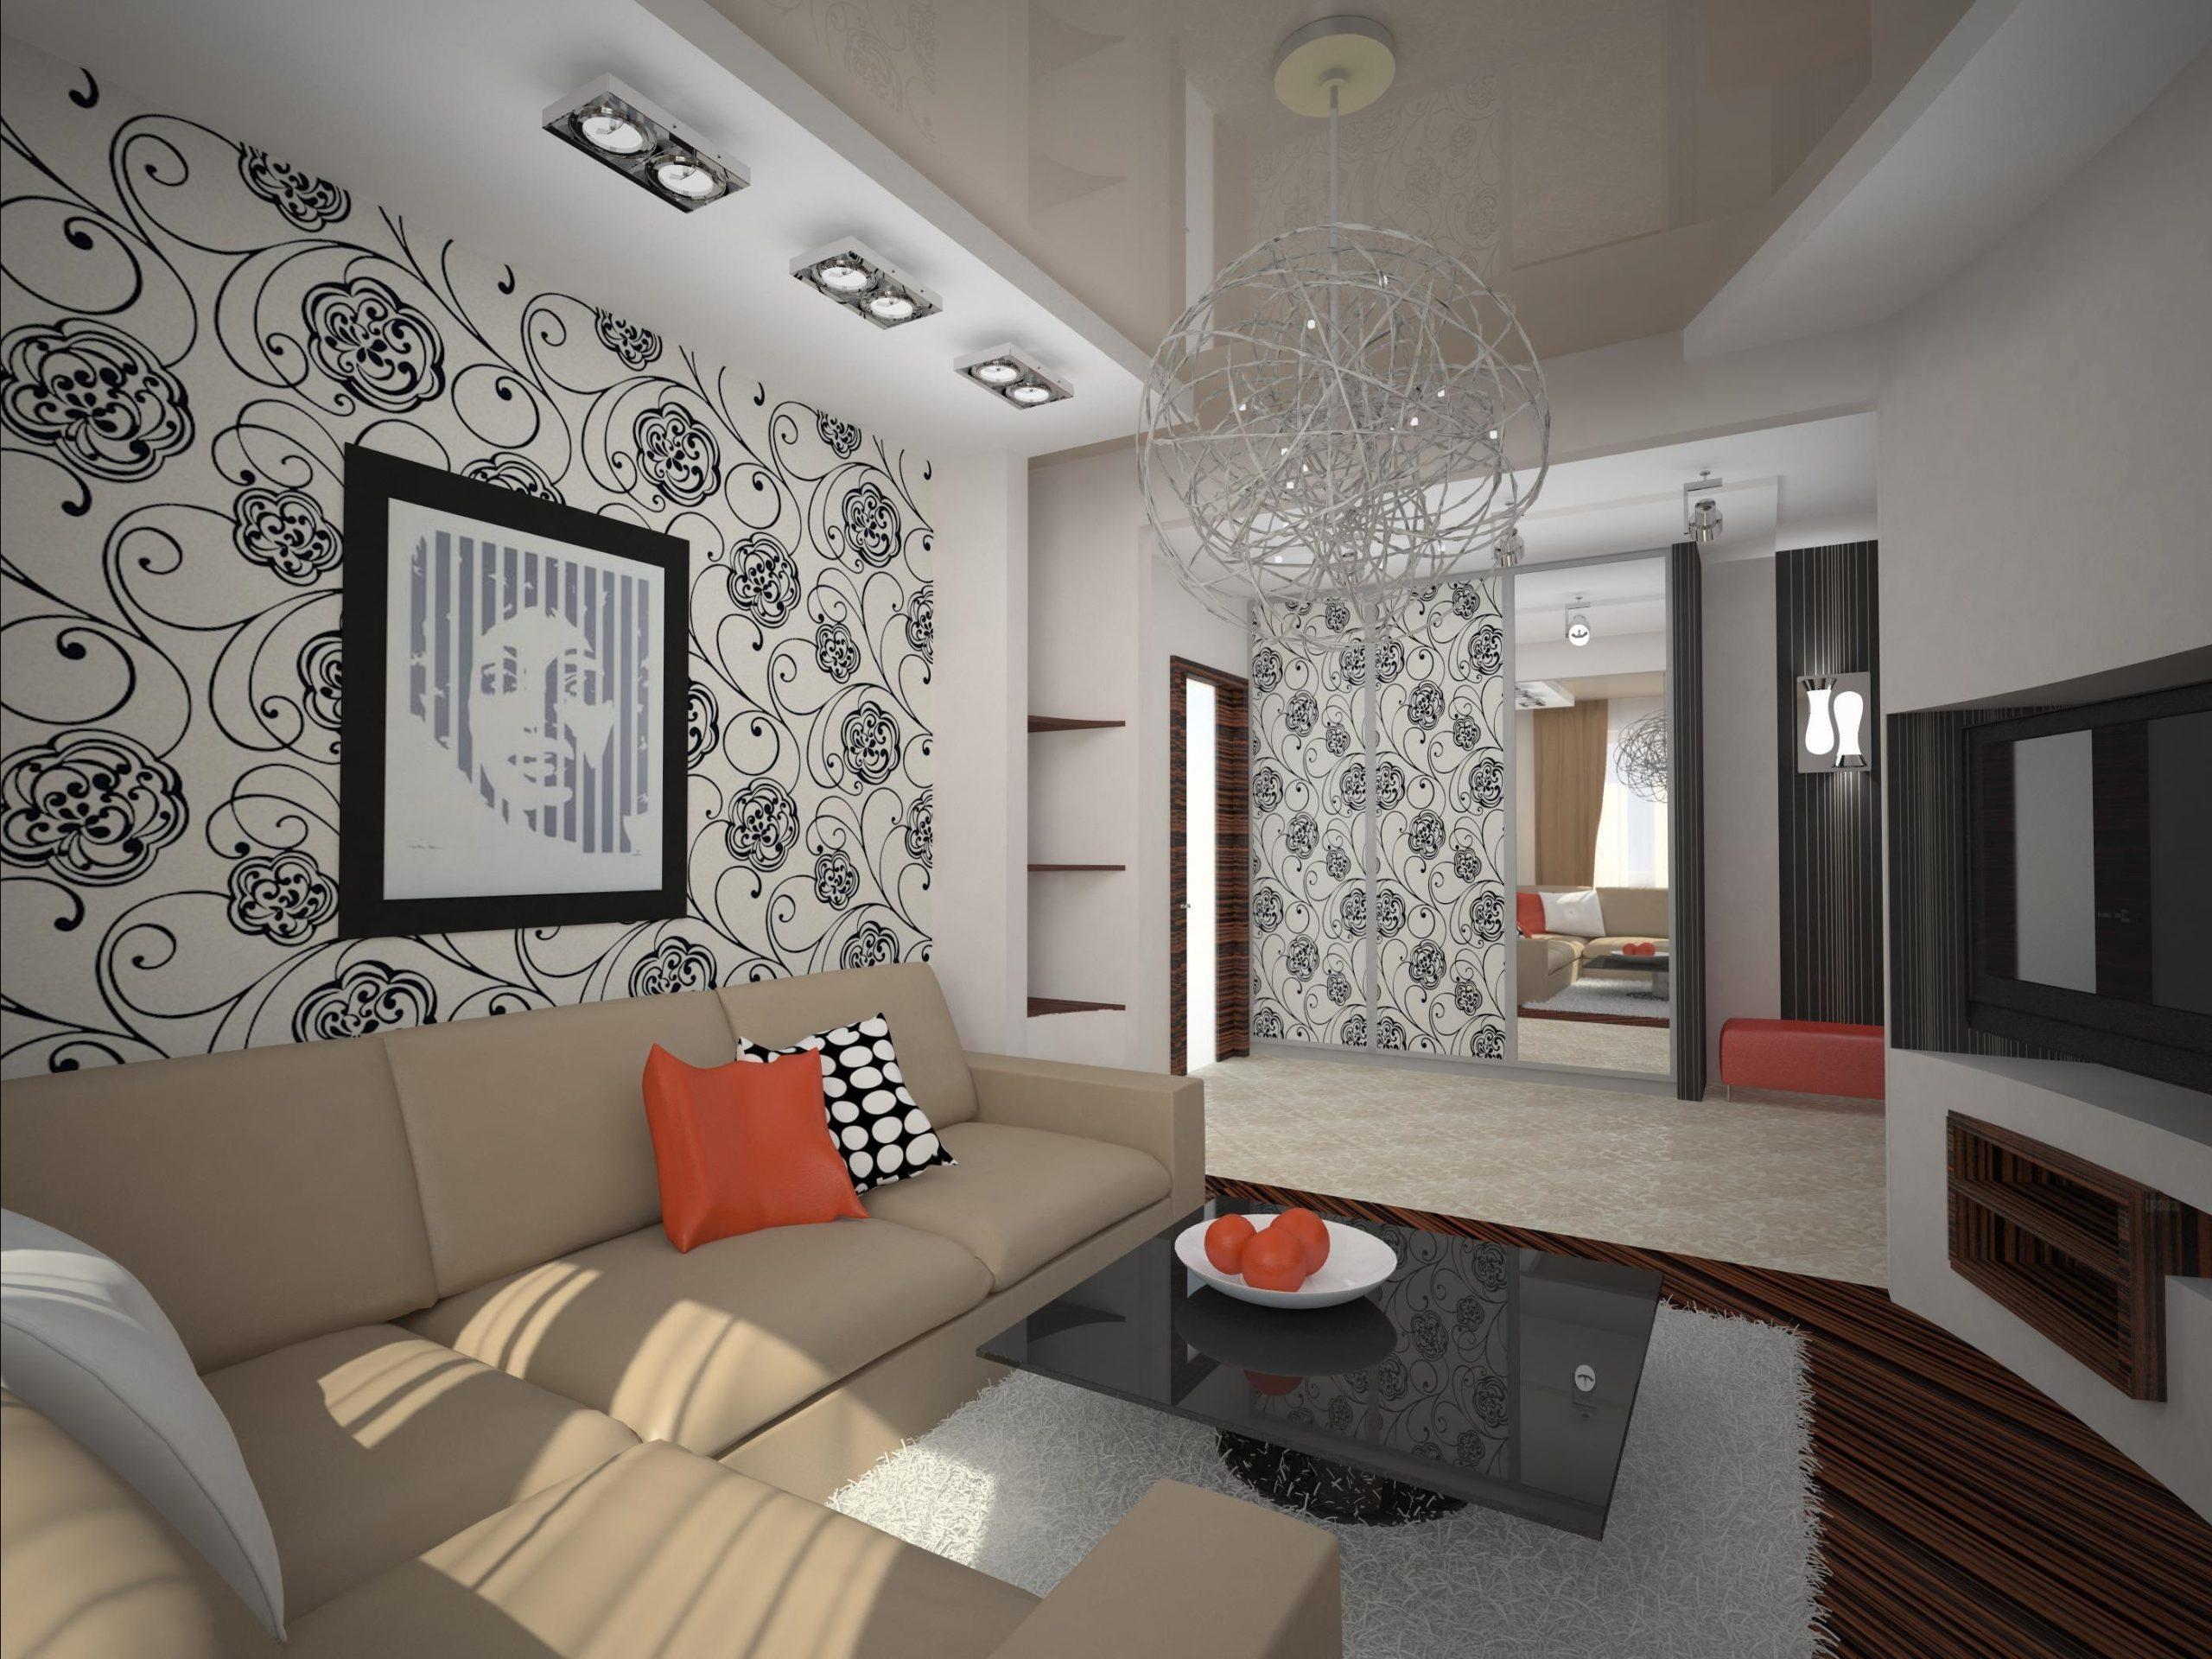 Дизайн интерьера гостиной 16 кв м в квартире